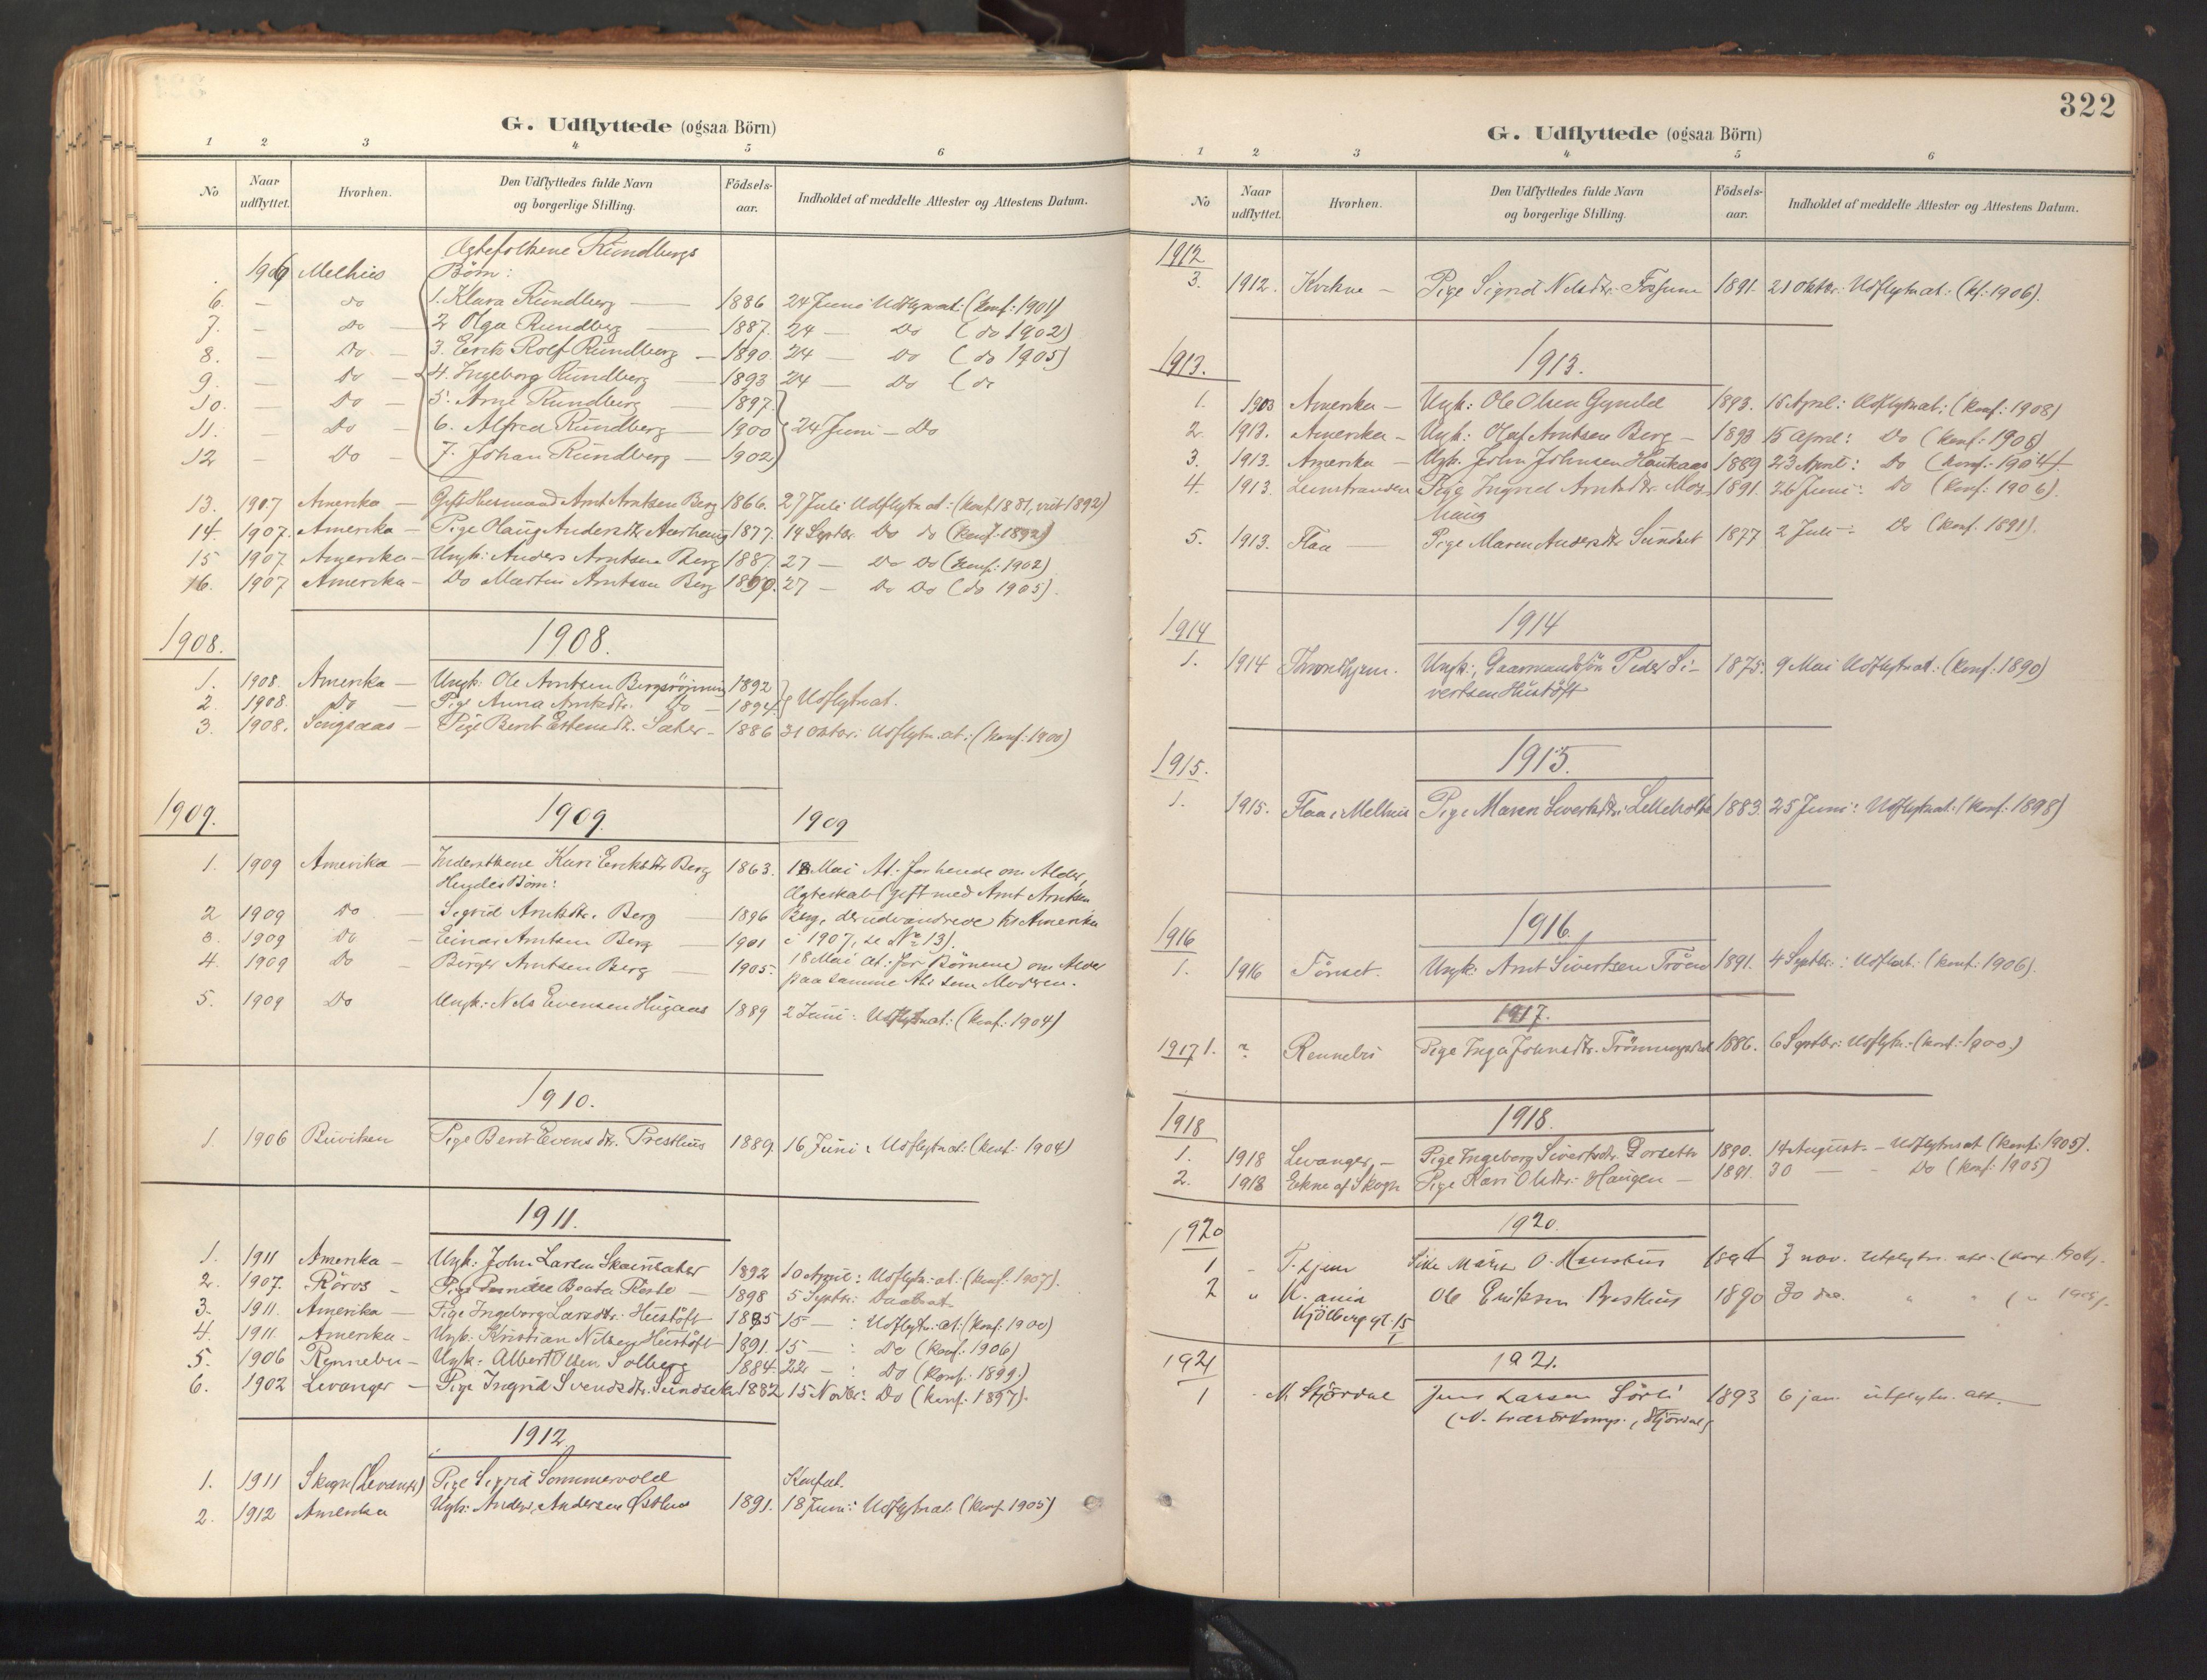 SAT, Ministerialprotokoller, klokkerbøker og fødselsregistre - Sør-Trøndelag, 689/L1041: Ministerialbok nr. 689A06, 1891-1923, s. 322